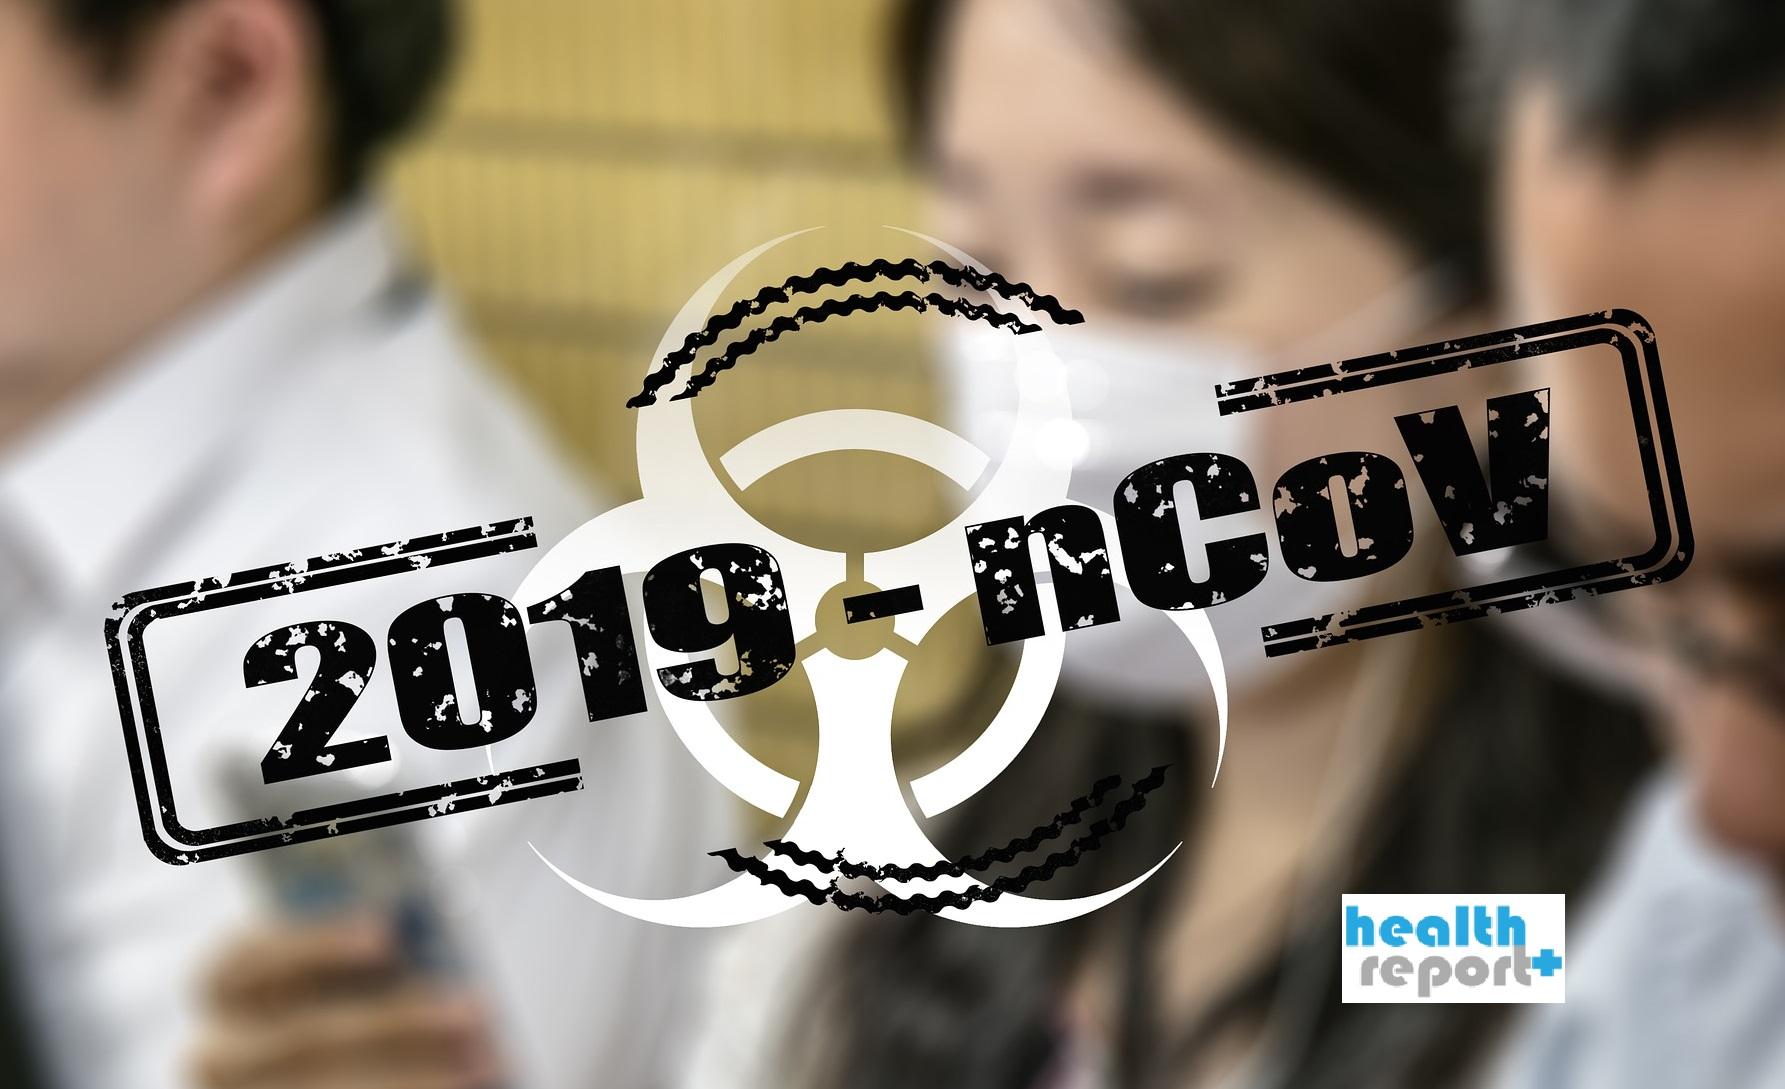 Κορoνοϊός & παιδιά: Τι πρέπει να γνωρίζουμε και τι πρέπει να κάνουμε